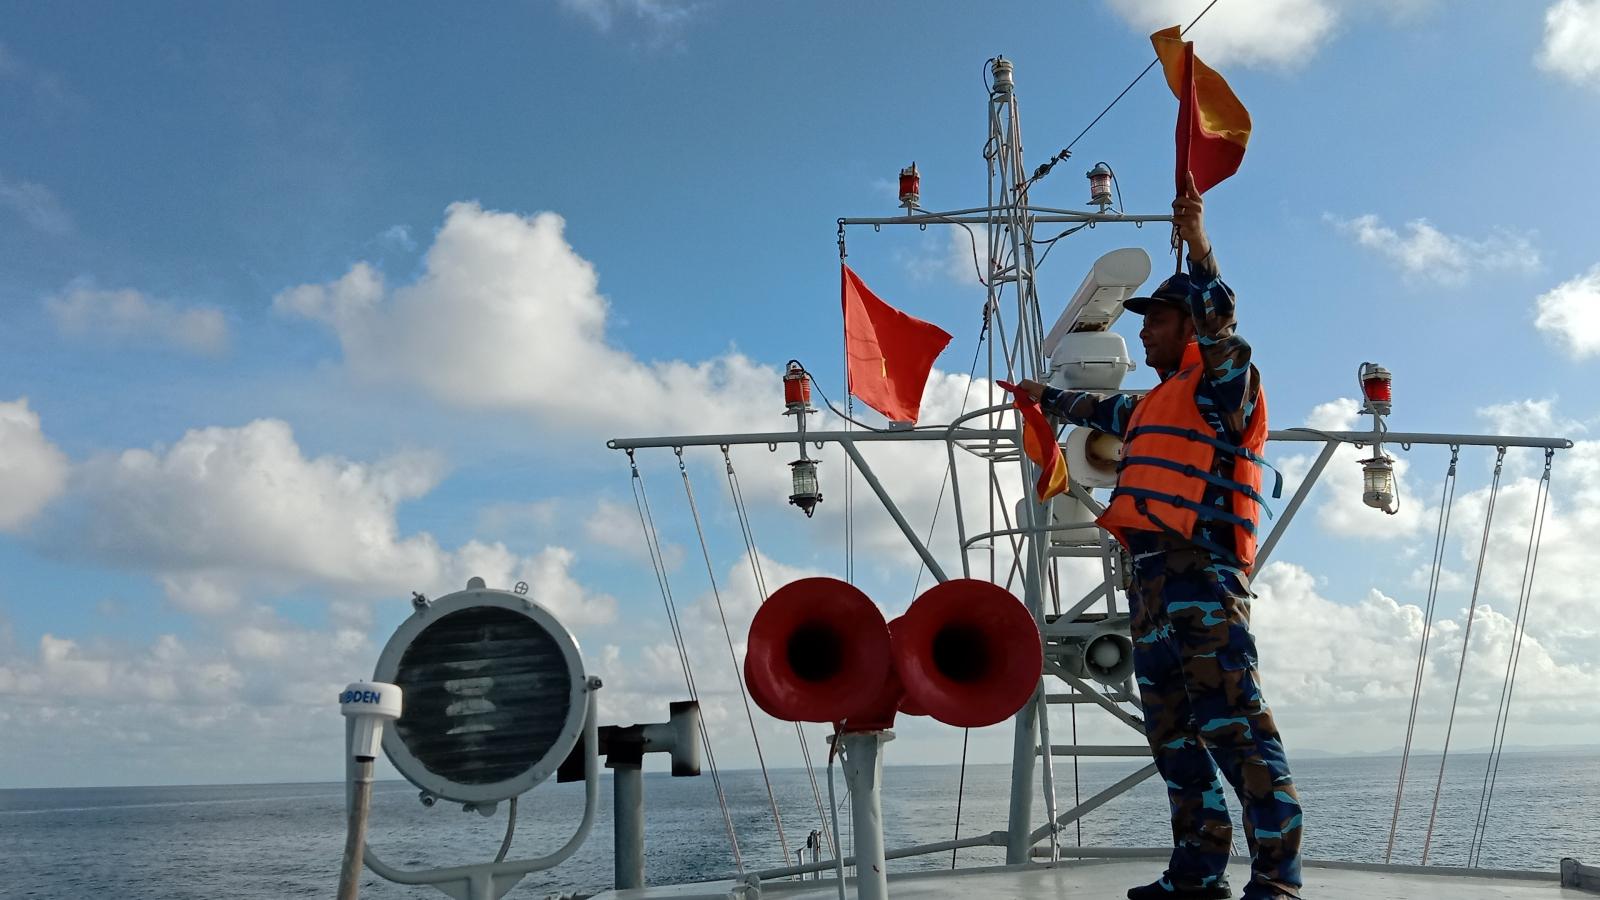 Điểm sáng đối ngoại quốc phòng - giữ gìn an ninh biển, đảo Tây Namcủa Tổ quốc